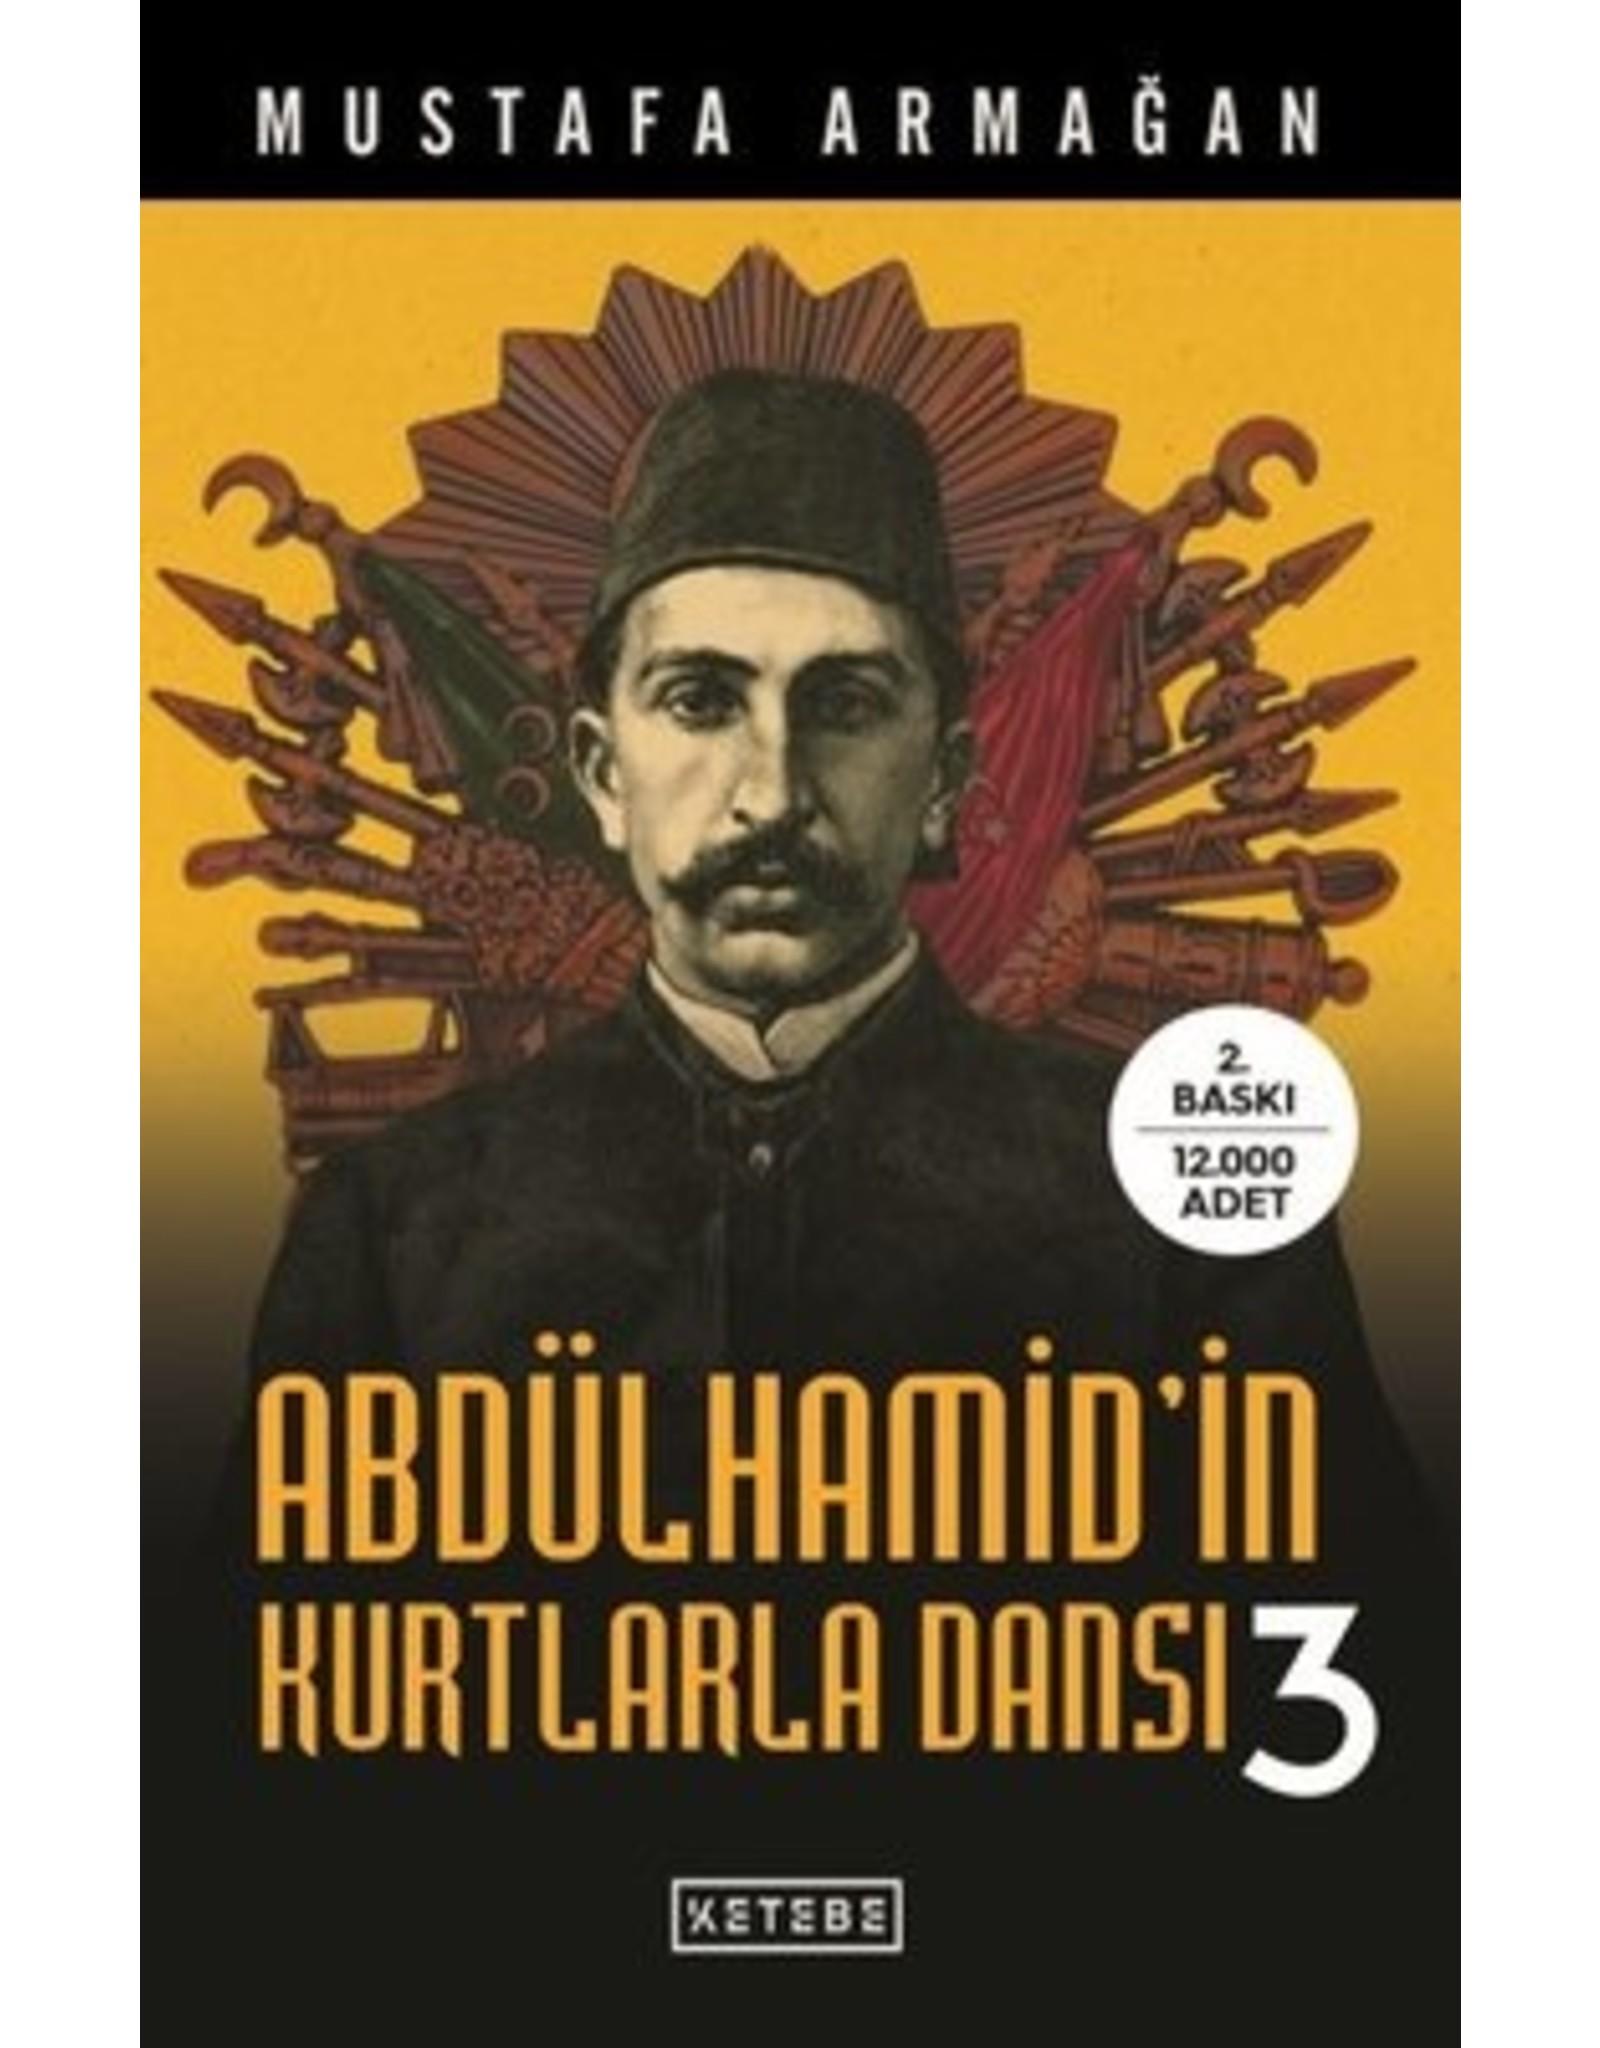 Mustafa Armağan Abdülhamid'in Kurtlarla Dansı 3